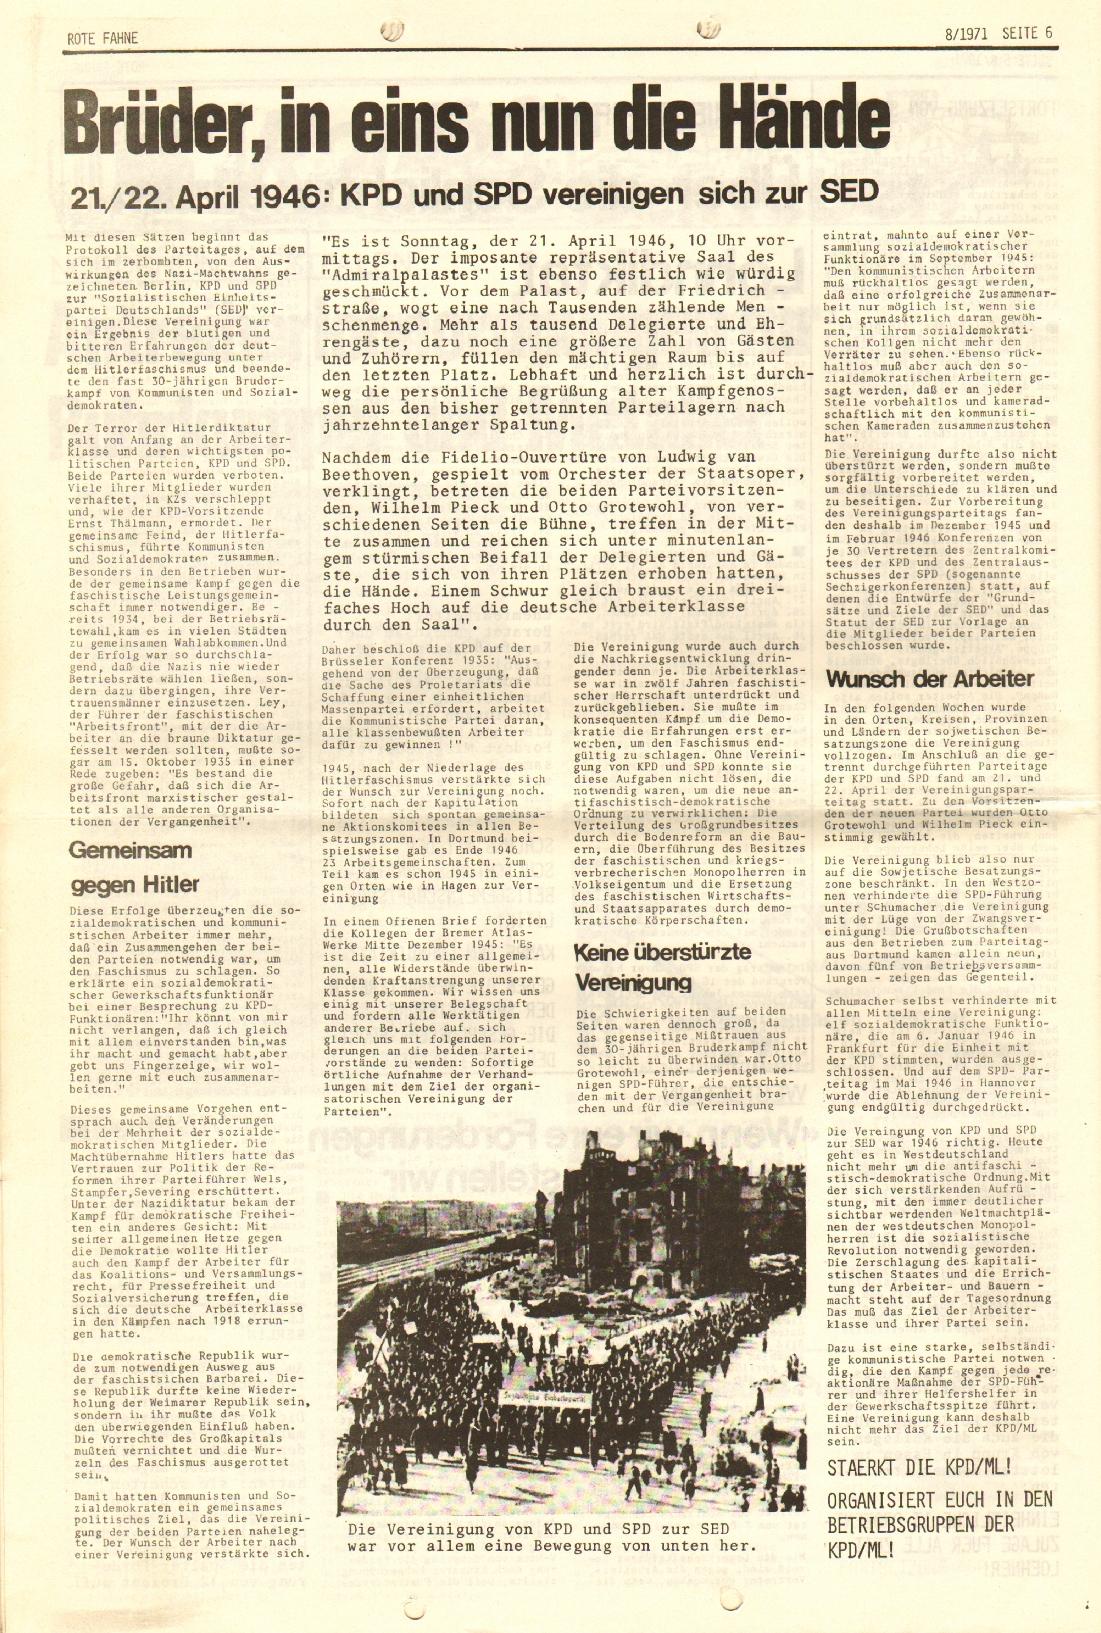 Rote Fahne, 2. Jg., 26.4.1971, Nr. 8, Seite 6